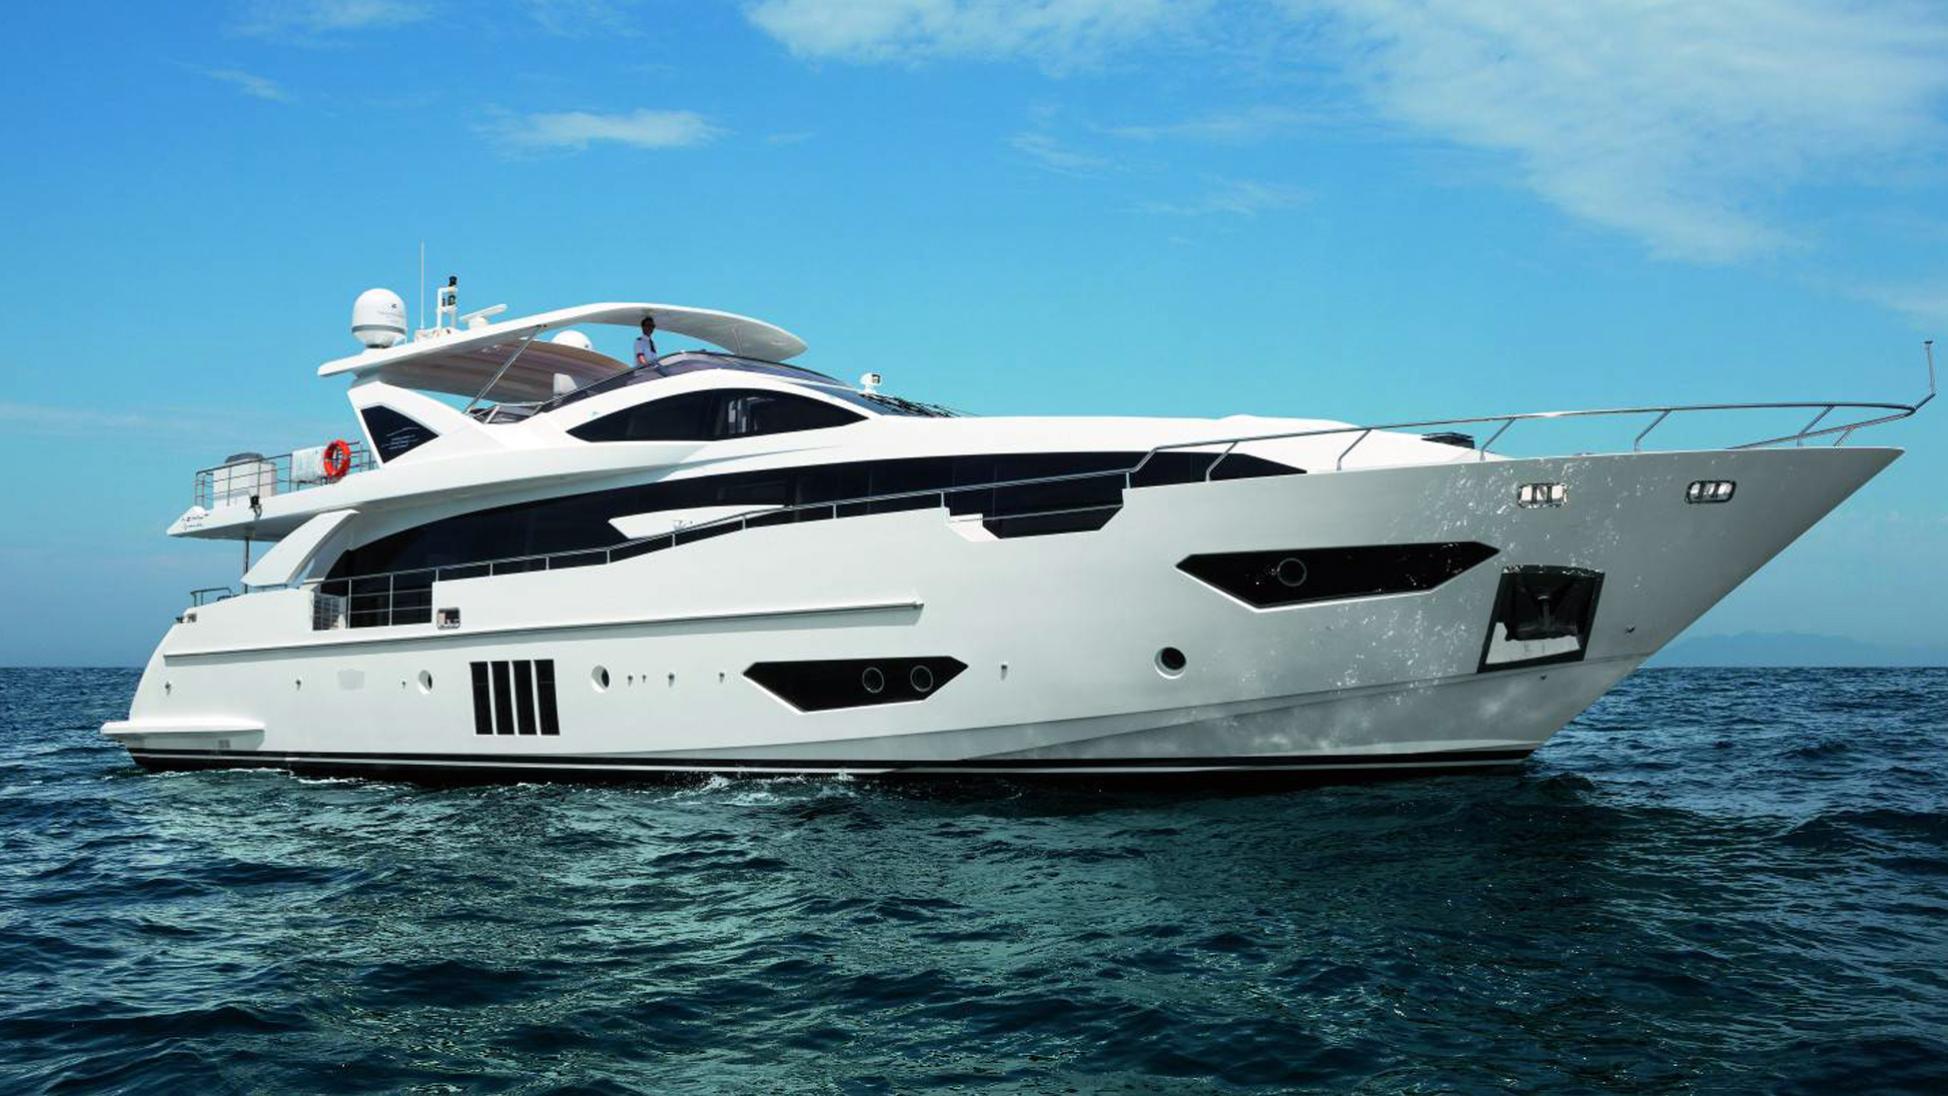 azimut-motor-yacht-95-rph-11-2014-29m-profile